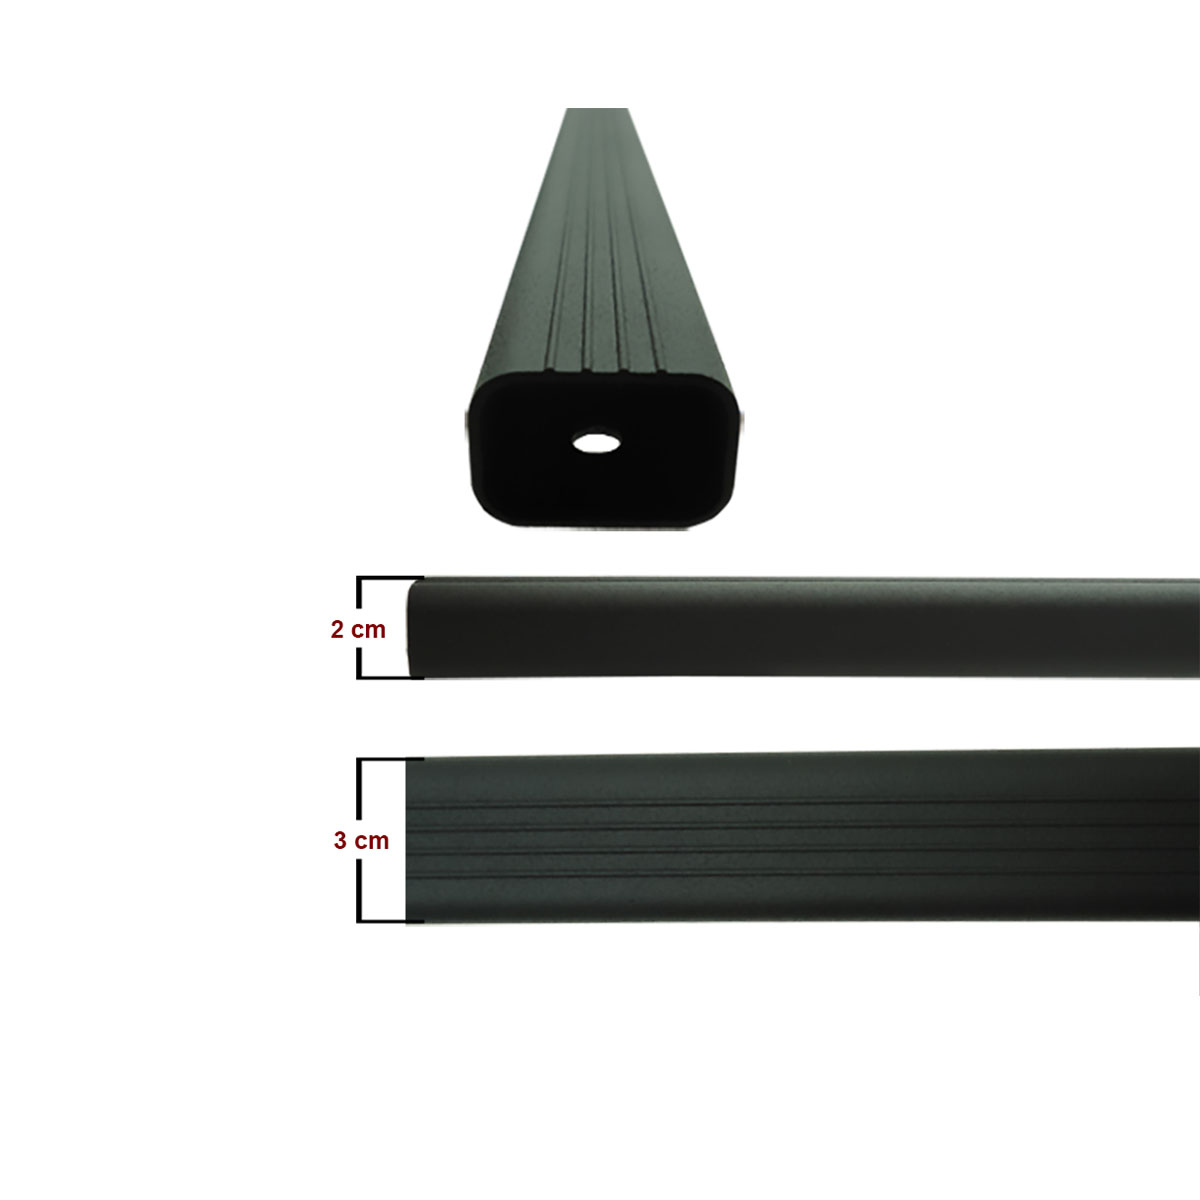 Travessa rack de teto alumínio preta S10 cabine dupla 2006 a 2008 ou Blazer 1996 a 2011